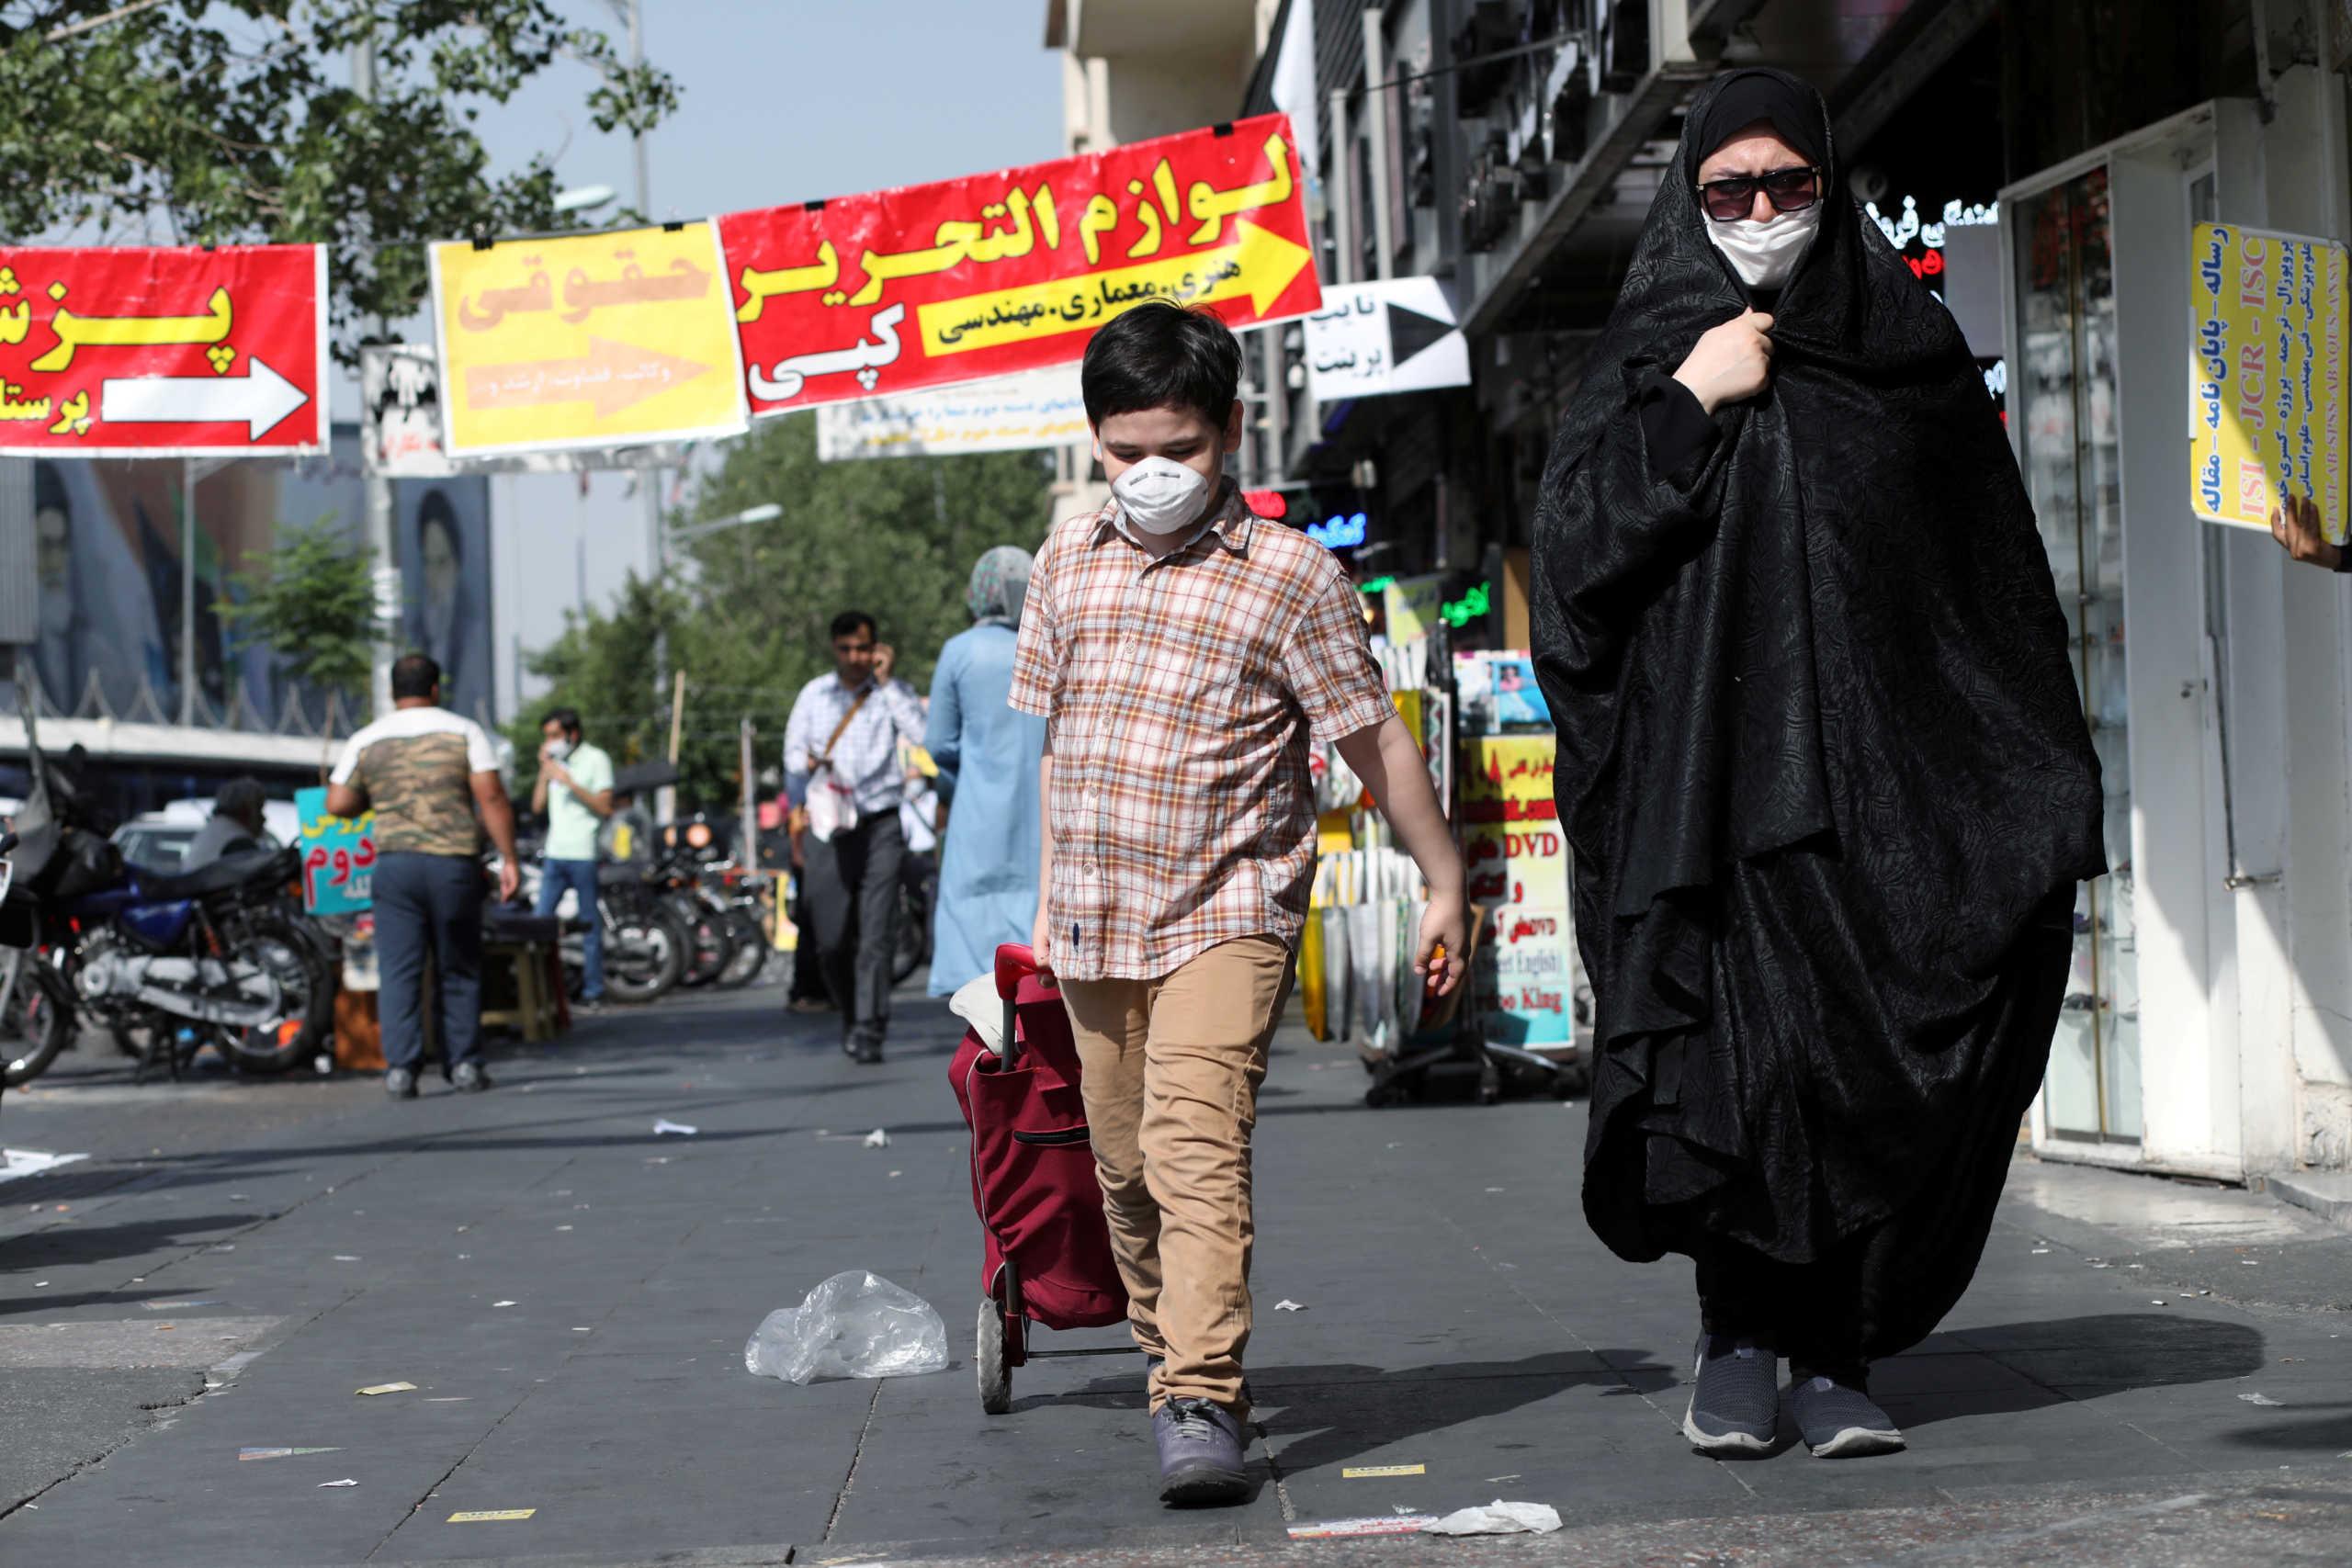 Κορονοϊός: Αρνητικό ρεκόρ κρουσμάτων σε μια μέρα στο Ιράν – 482 νέοι θάνατοι